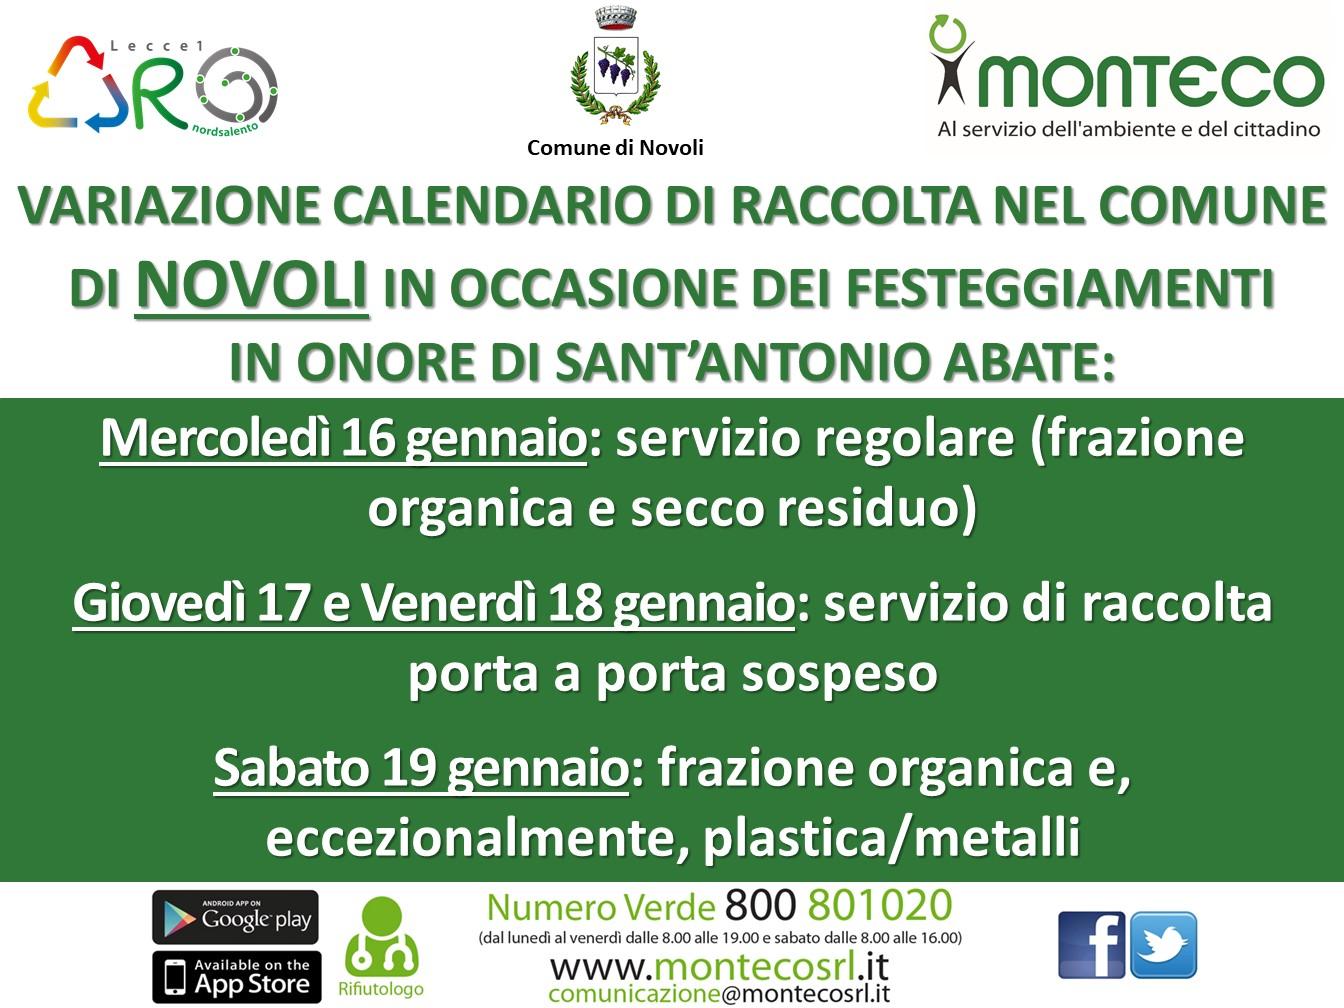 Novoli: variazione calendario di raccolta in occasione dei festeggiamenti in onore di Sant'Antonio Abate